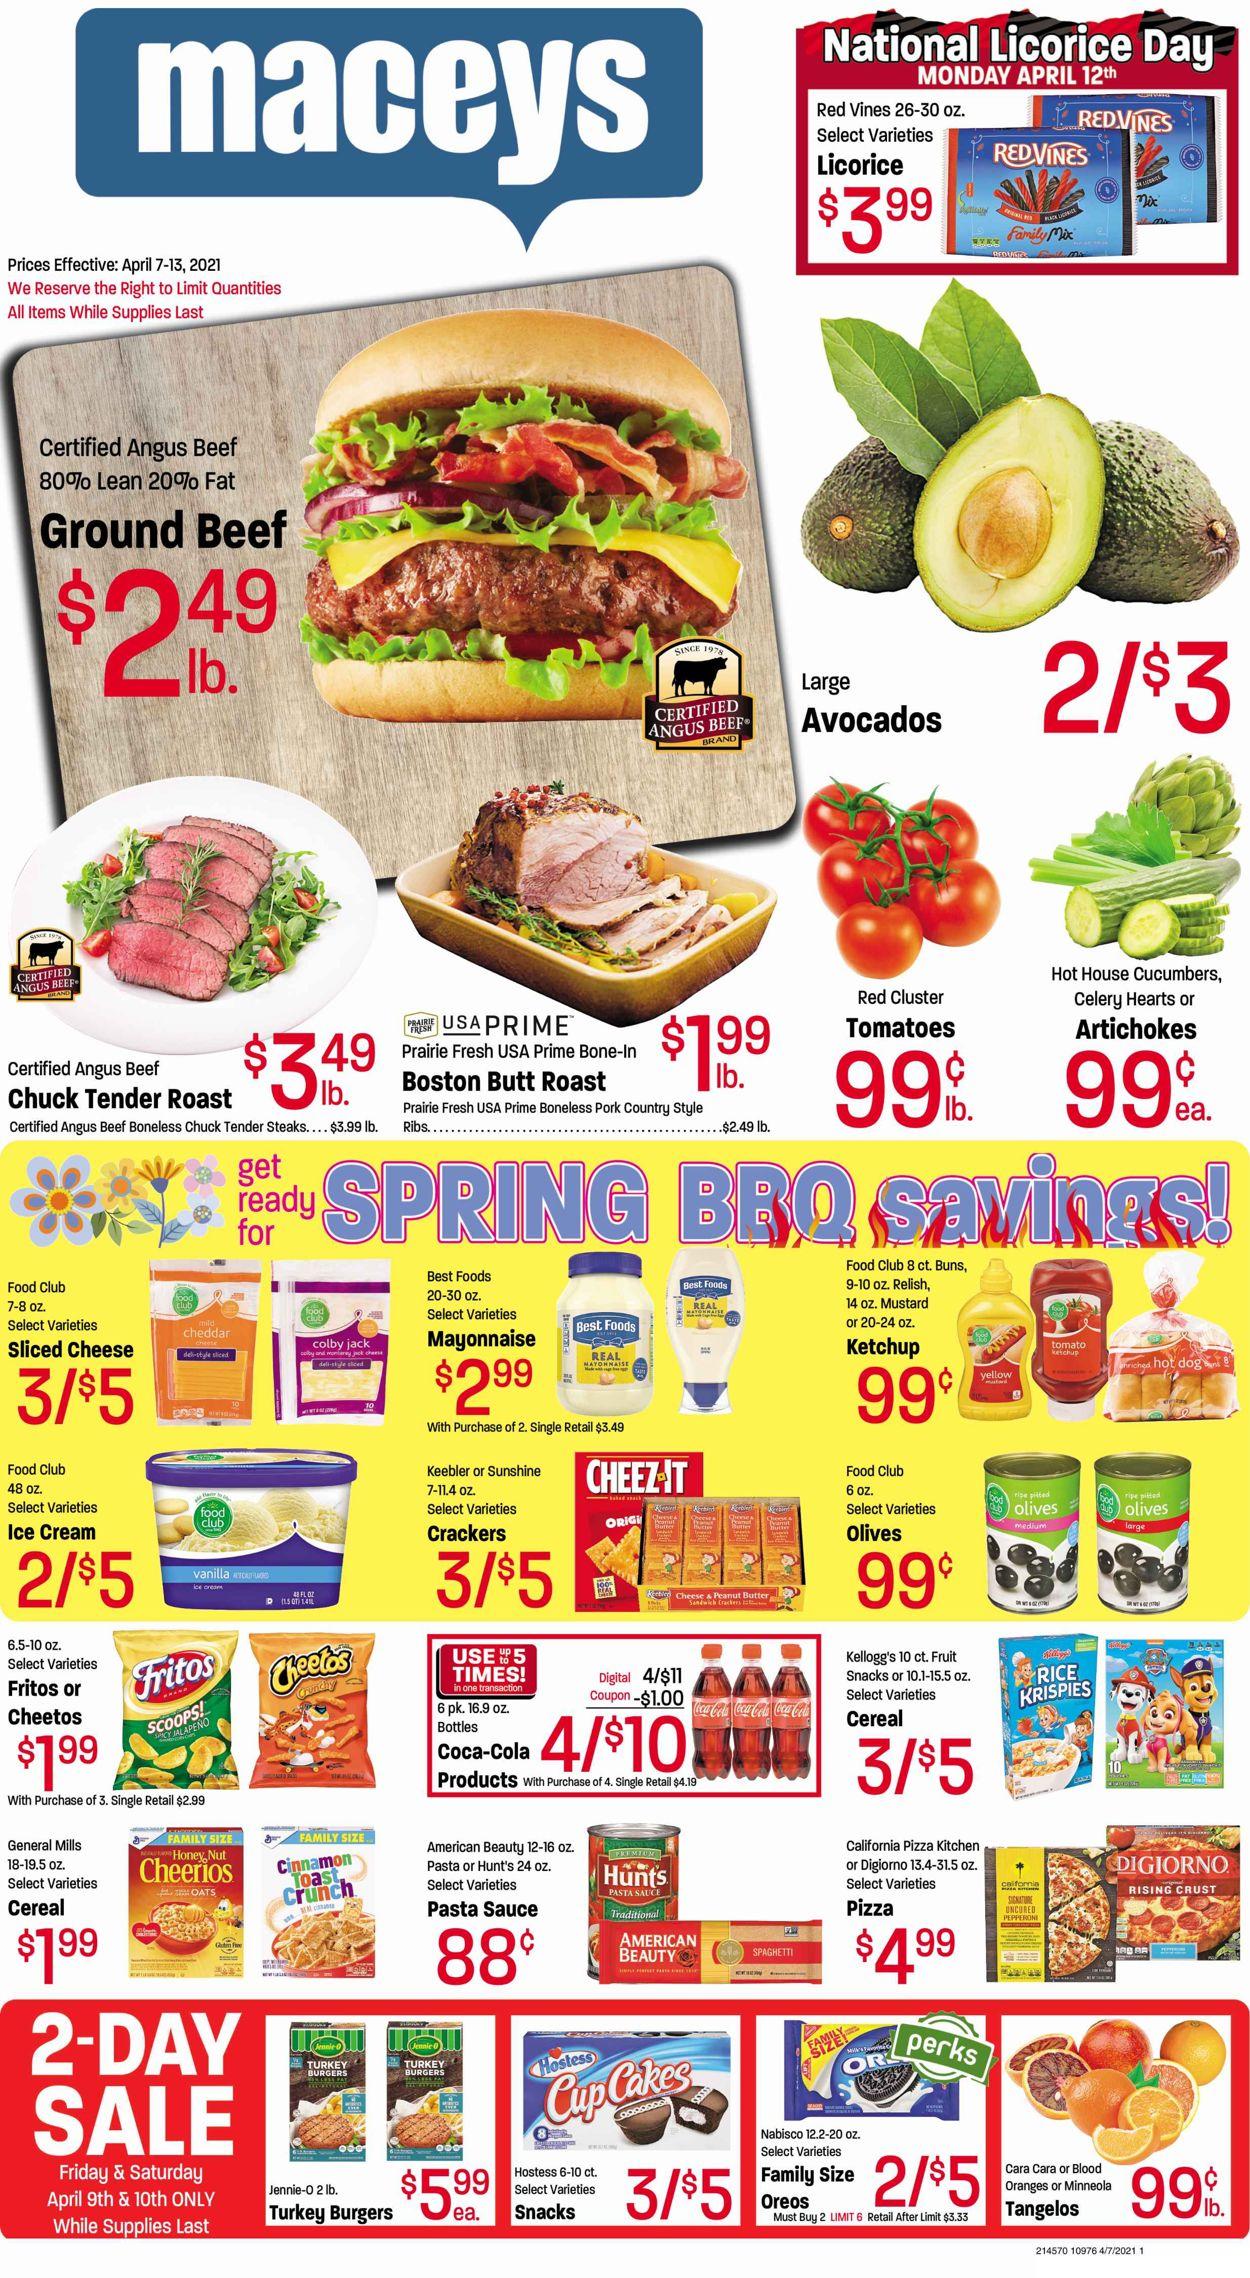 Maceys Weekly Ad Circular - valid 04/07-04/13/2021